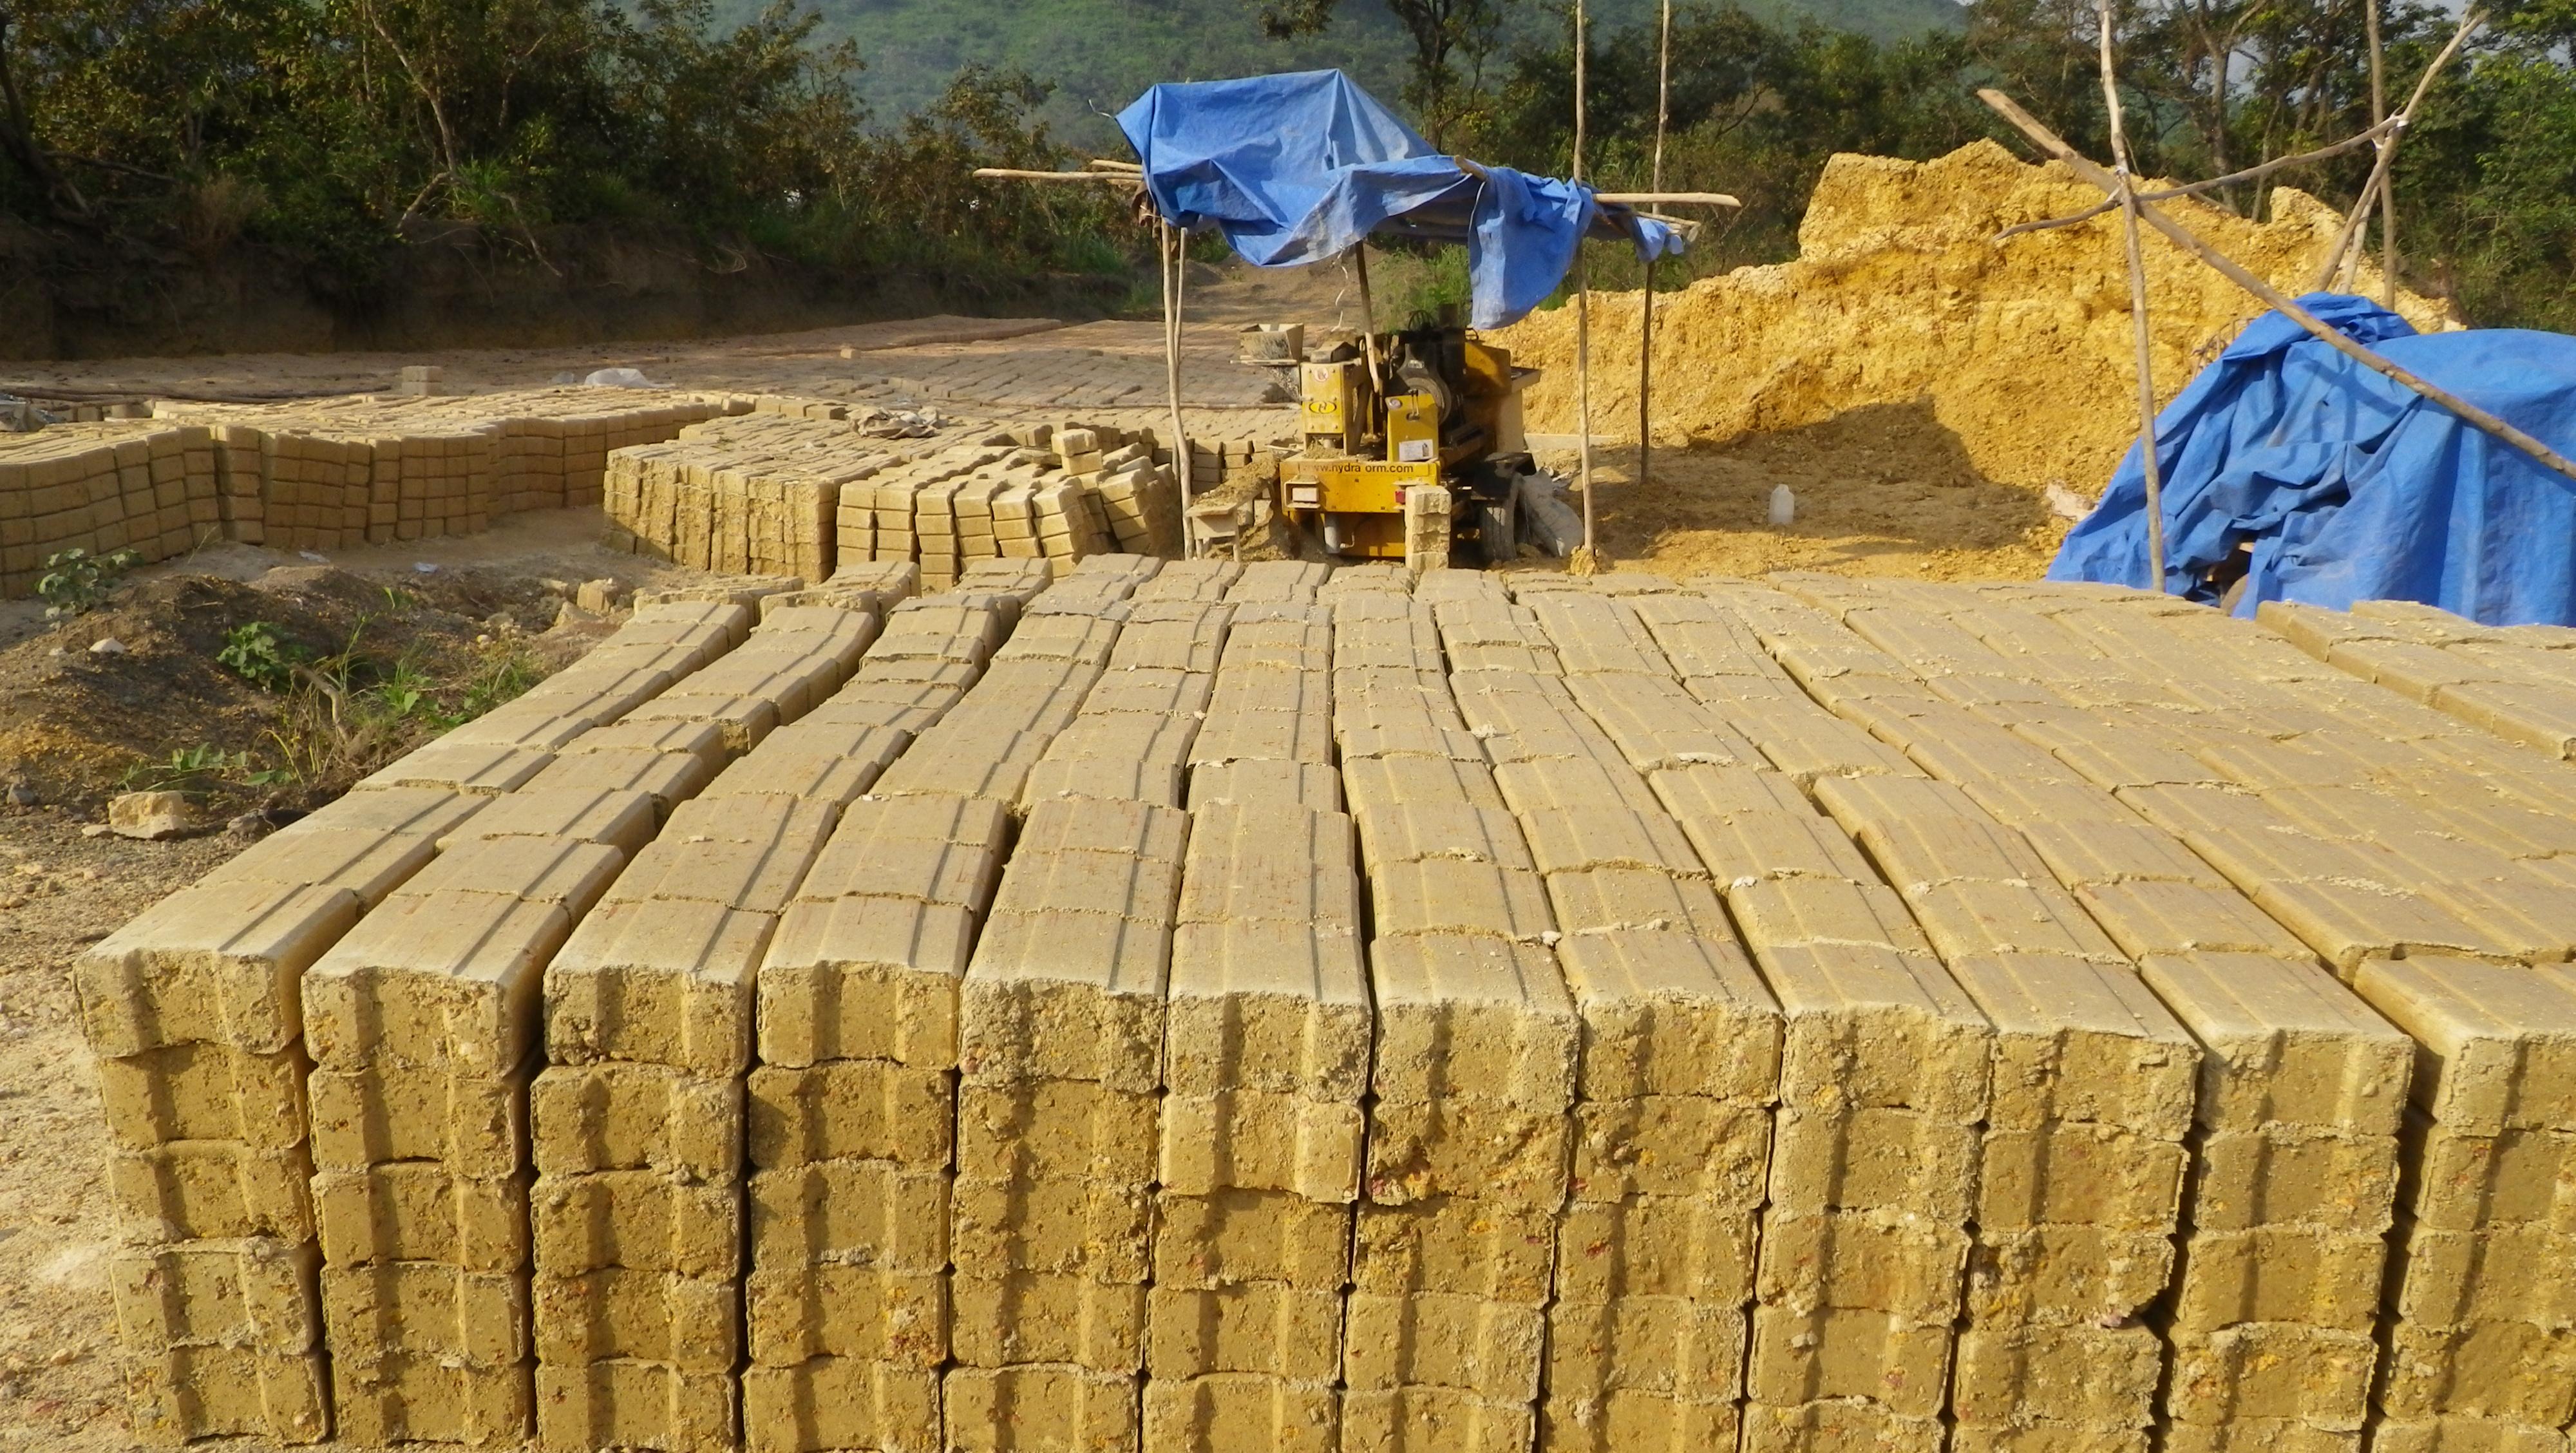 Bricks for resettlement housing